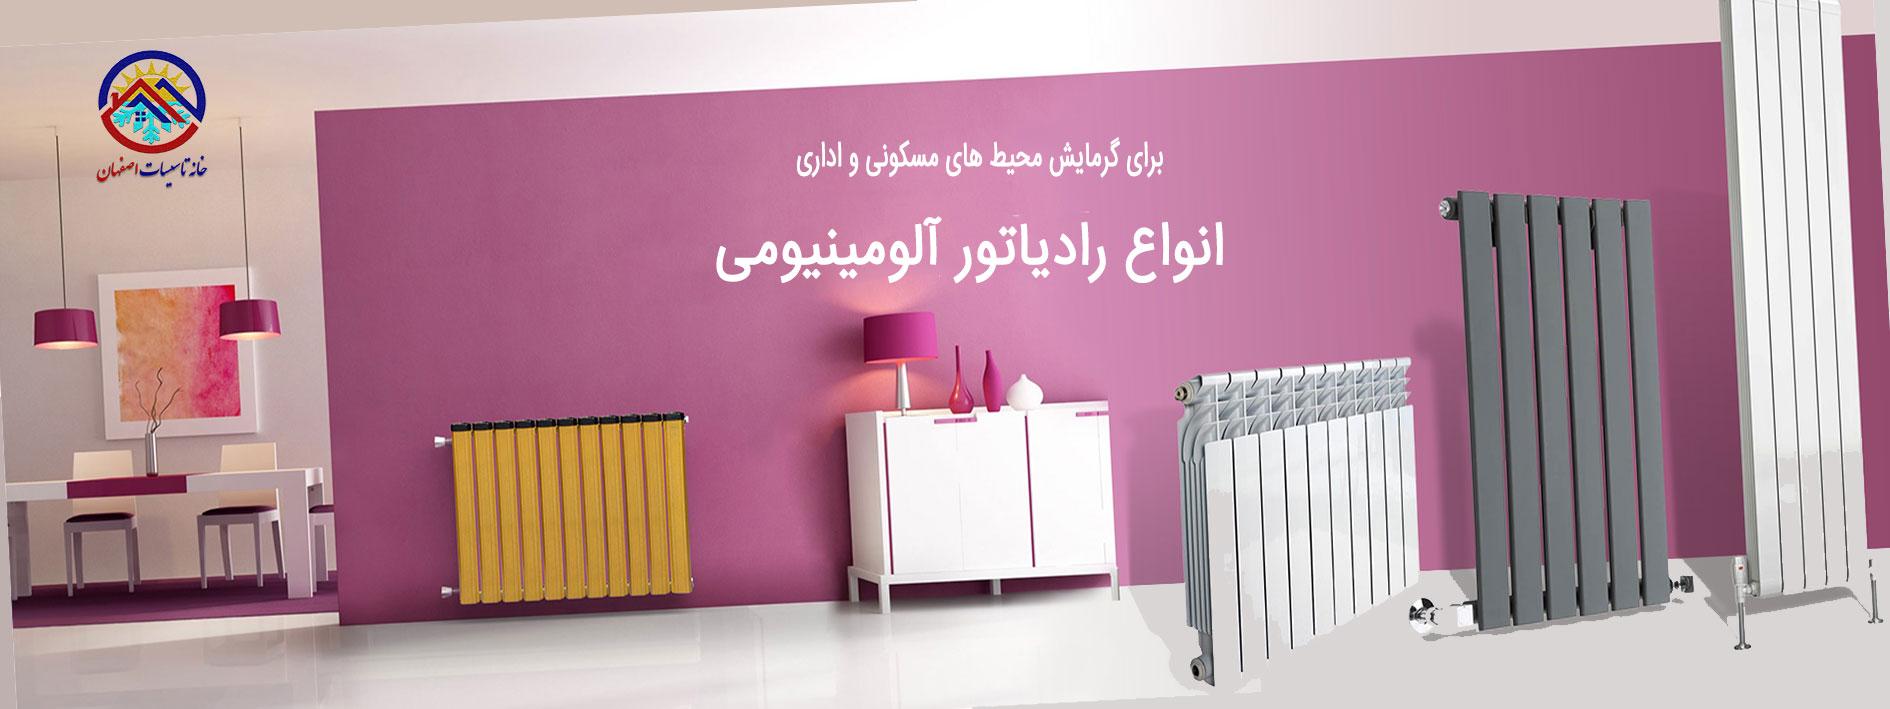 پکیج در اصفهان | نمایندگی پکیج در اصفهان | خانه تاسیسات اصفهان